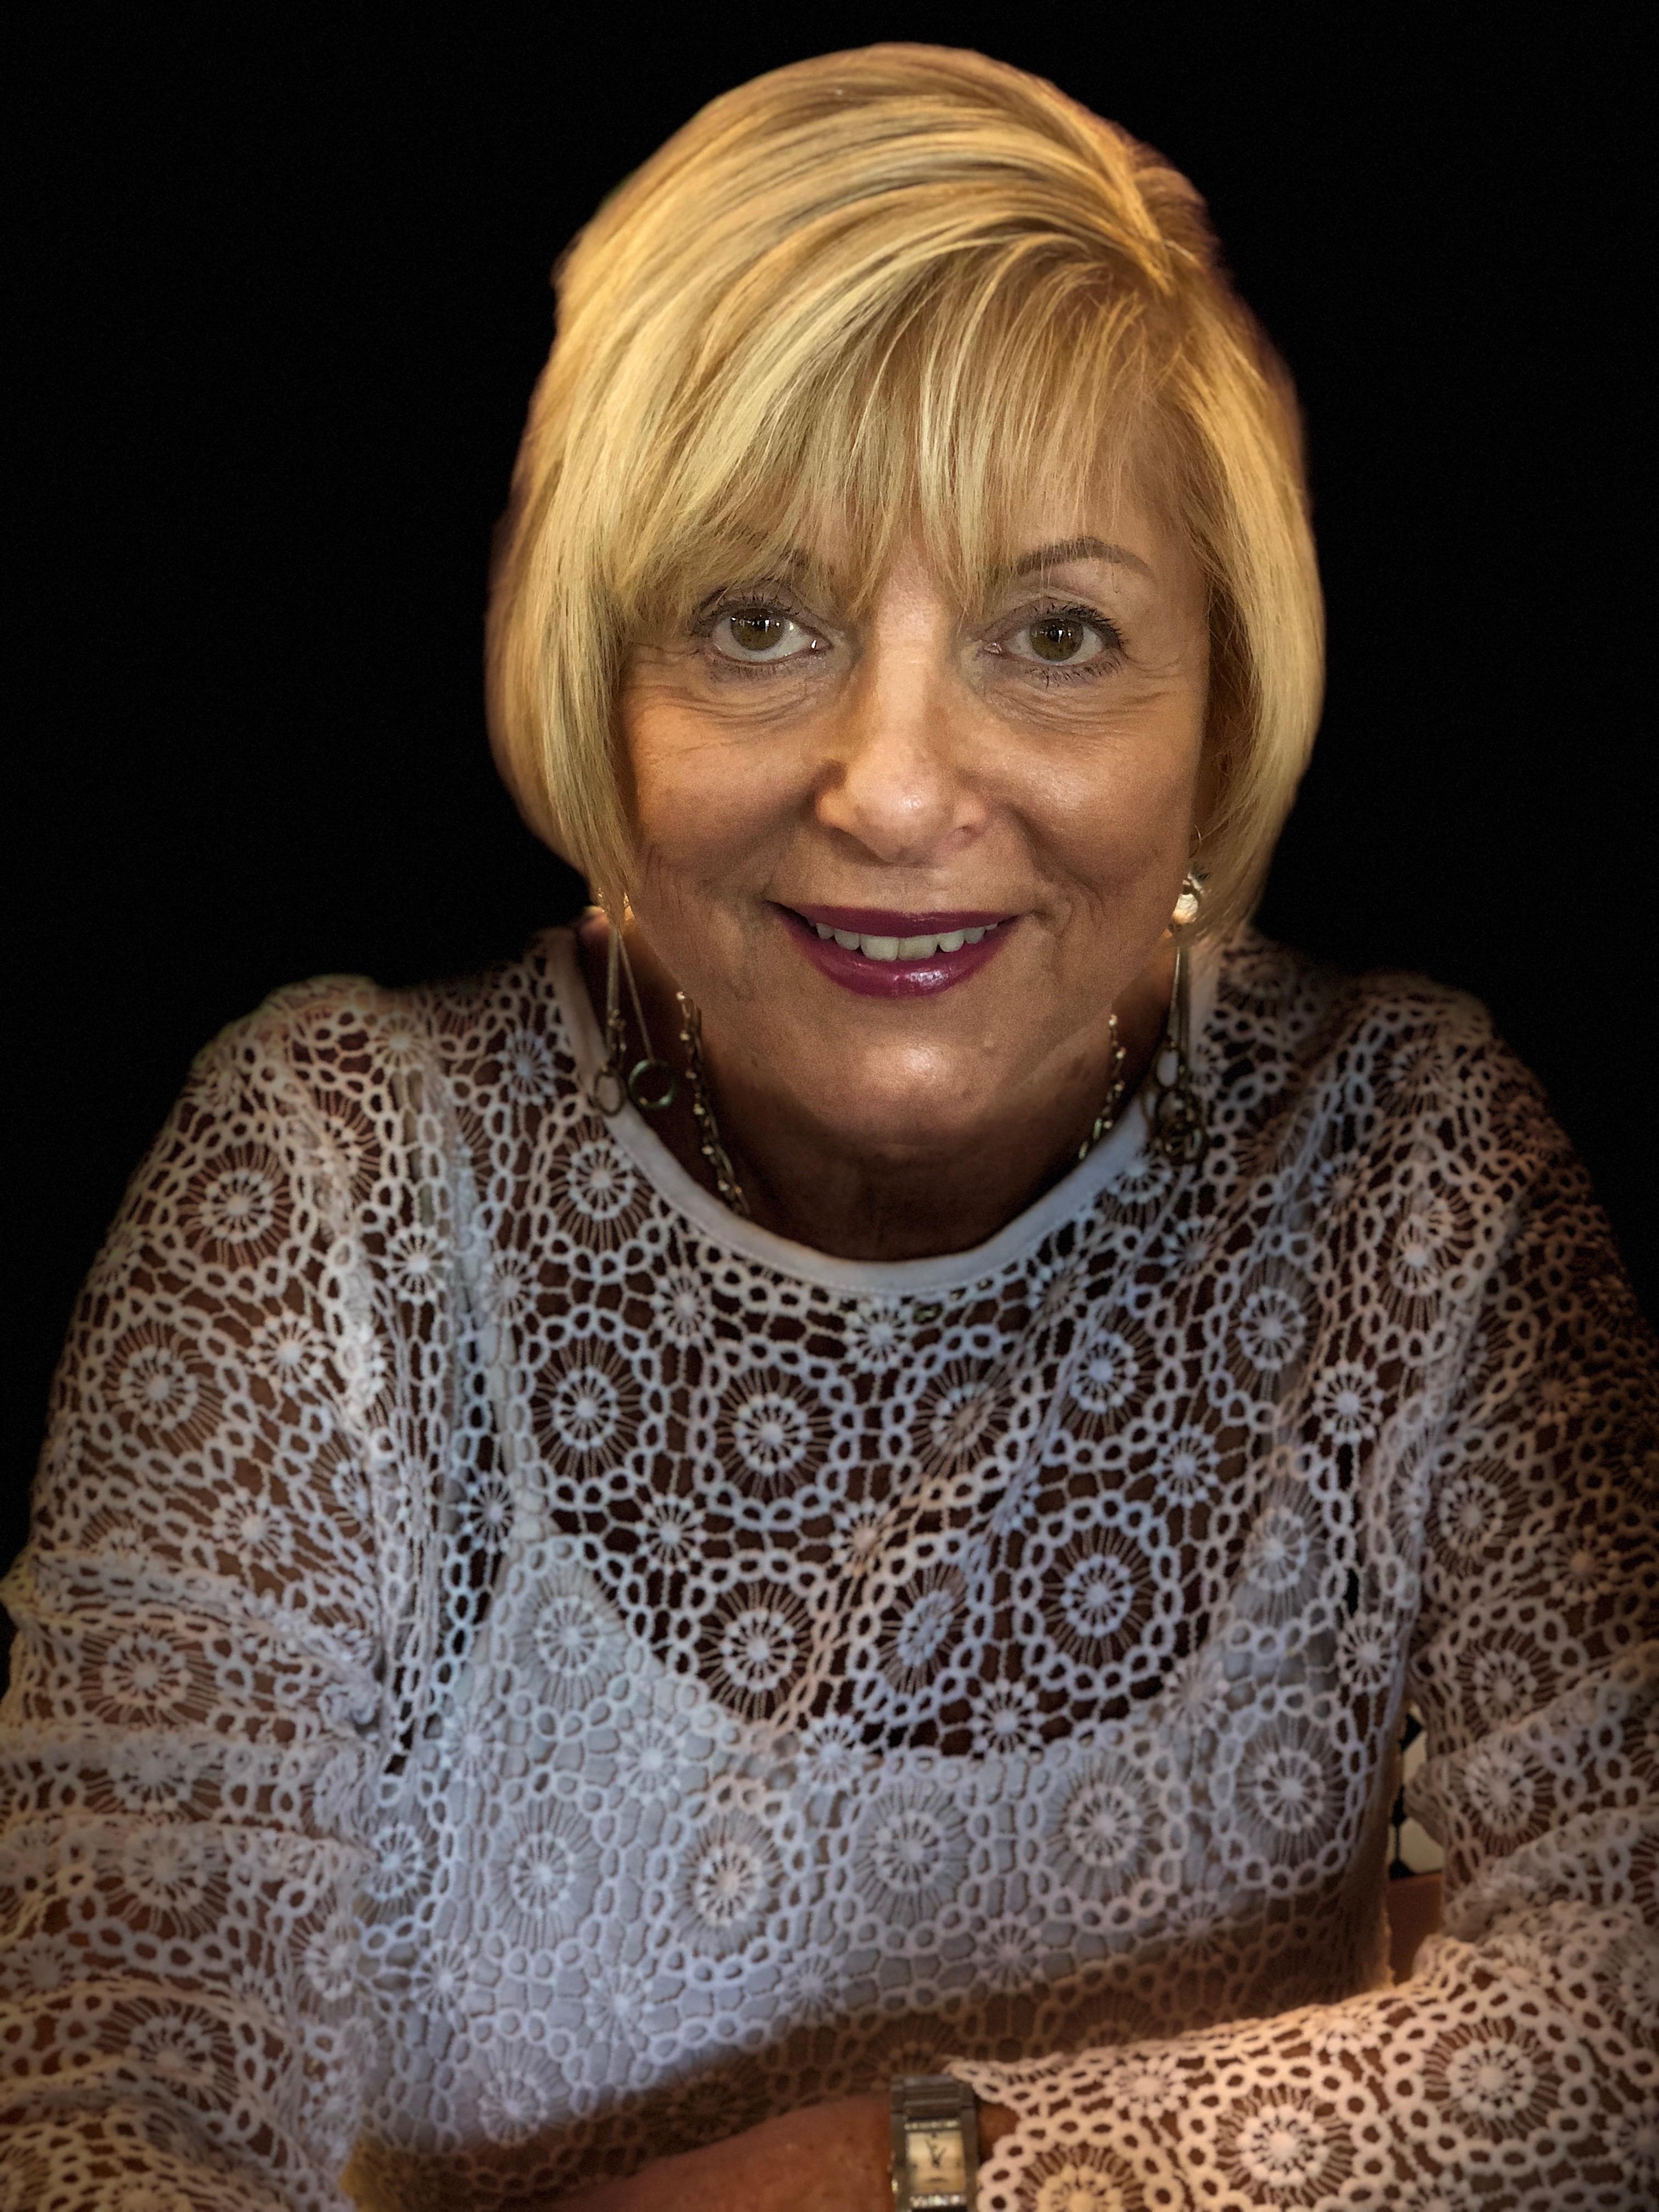 Natalie Wallach